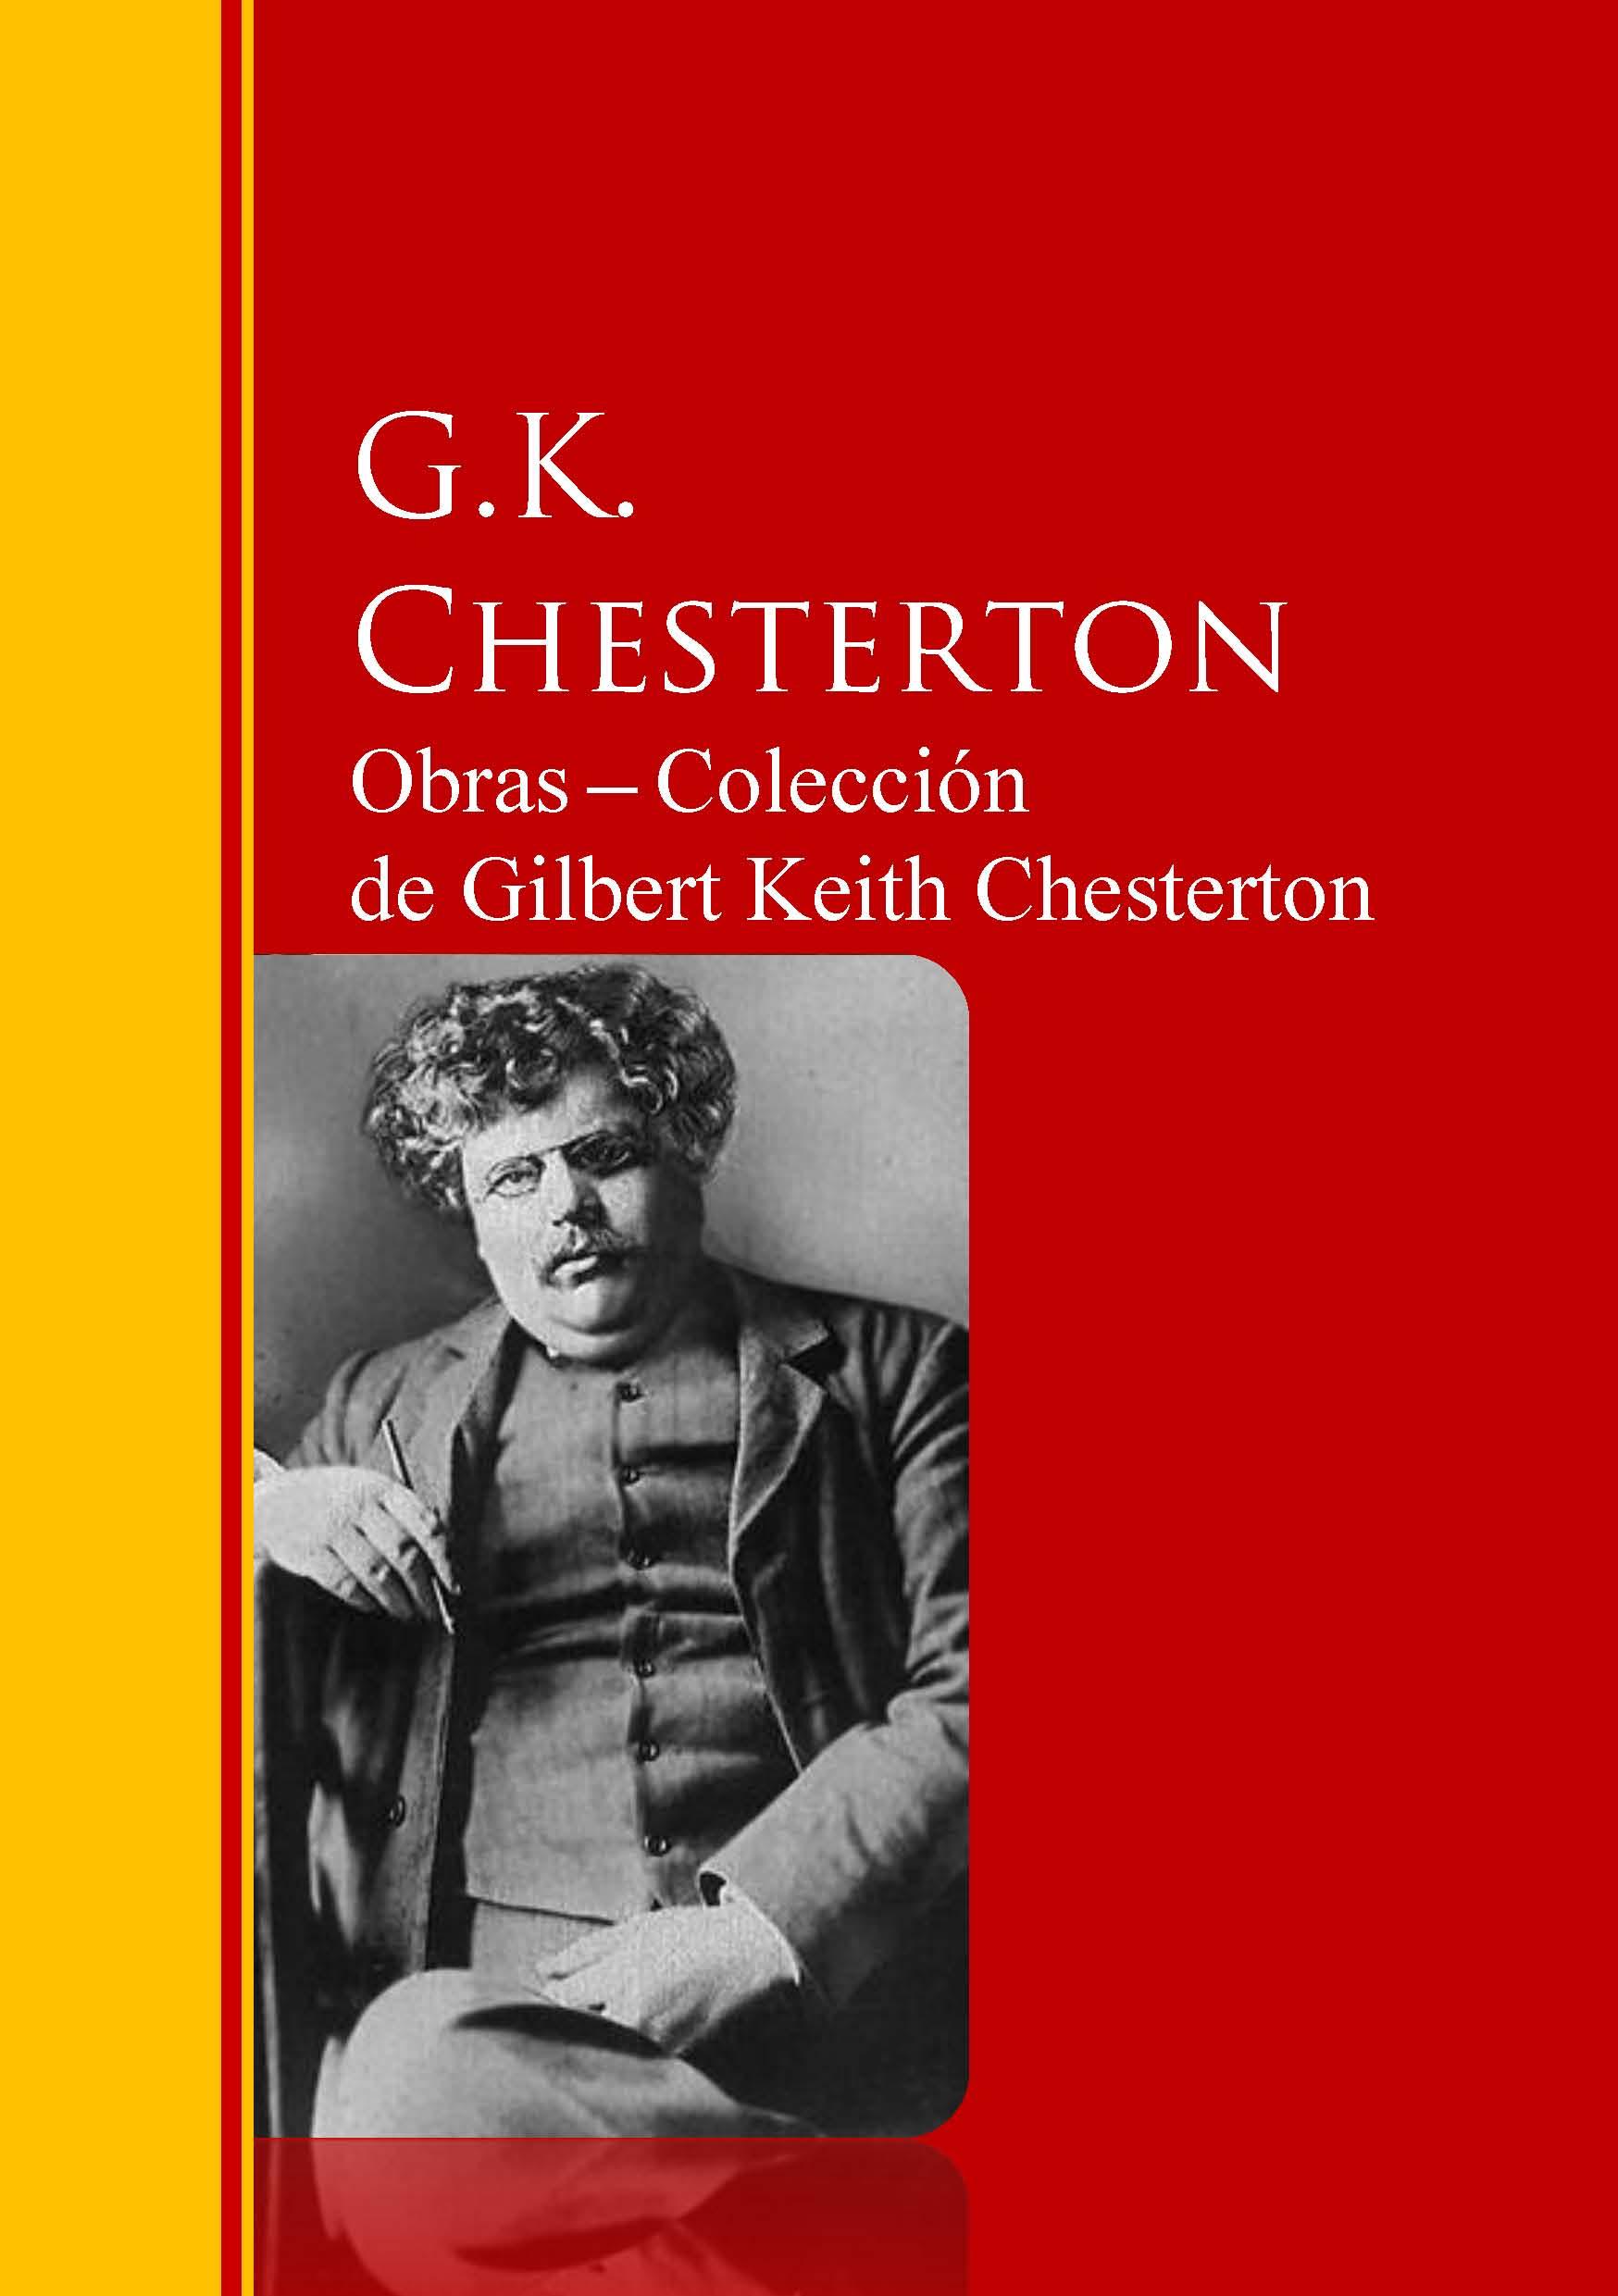 Gilbert Keith Chesterton Obras ─ Colección de Gilbert Keith Chesterton